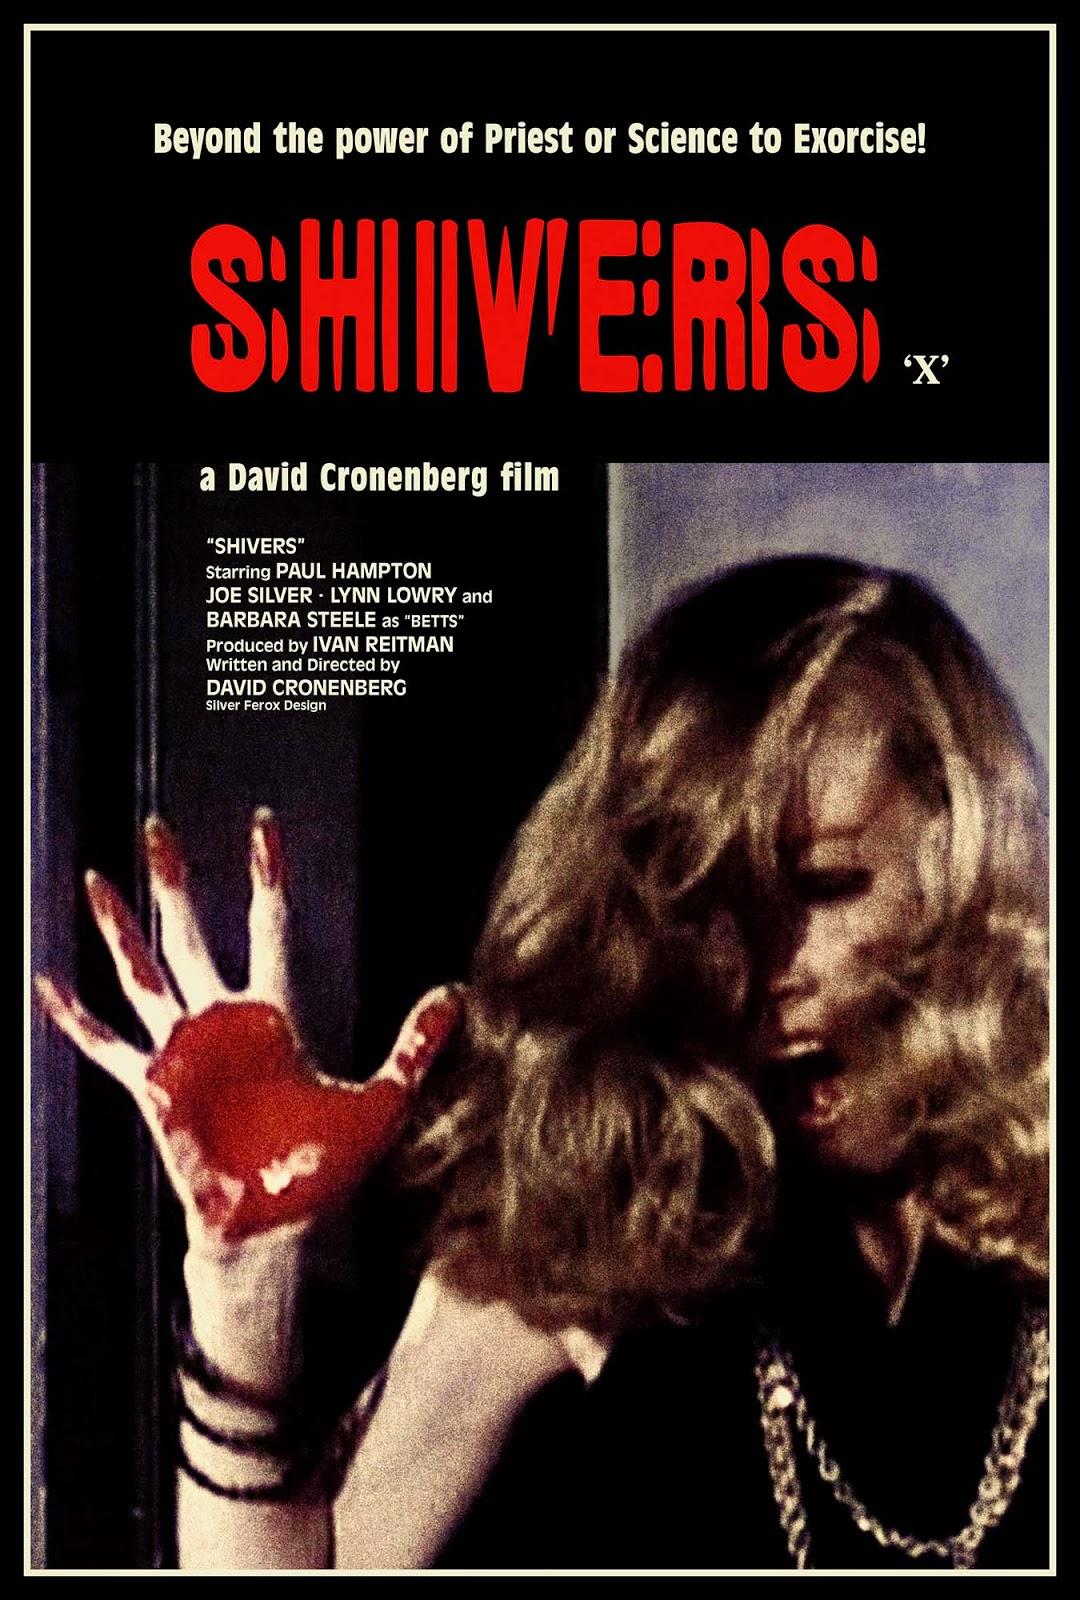 SHIVERS - v3 - Silver Ferox Design